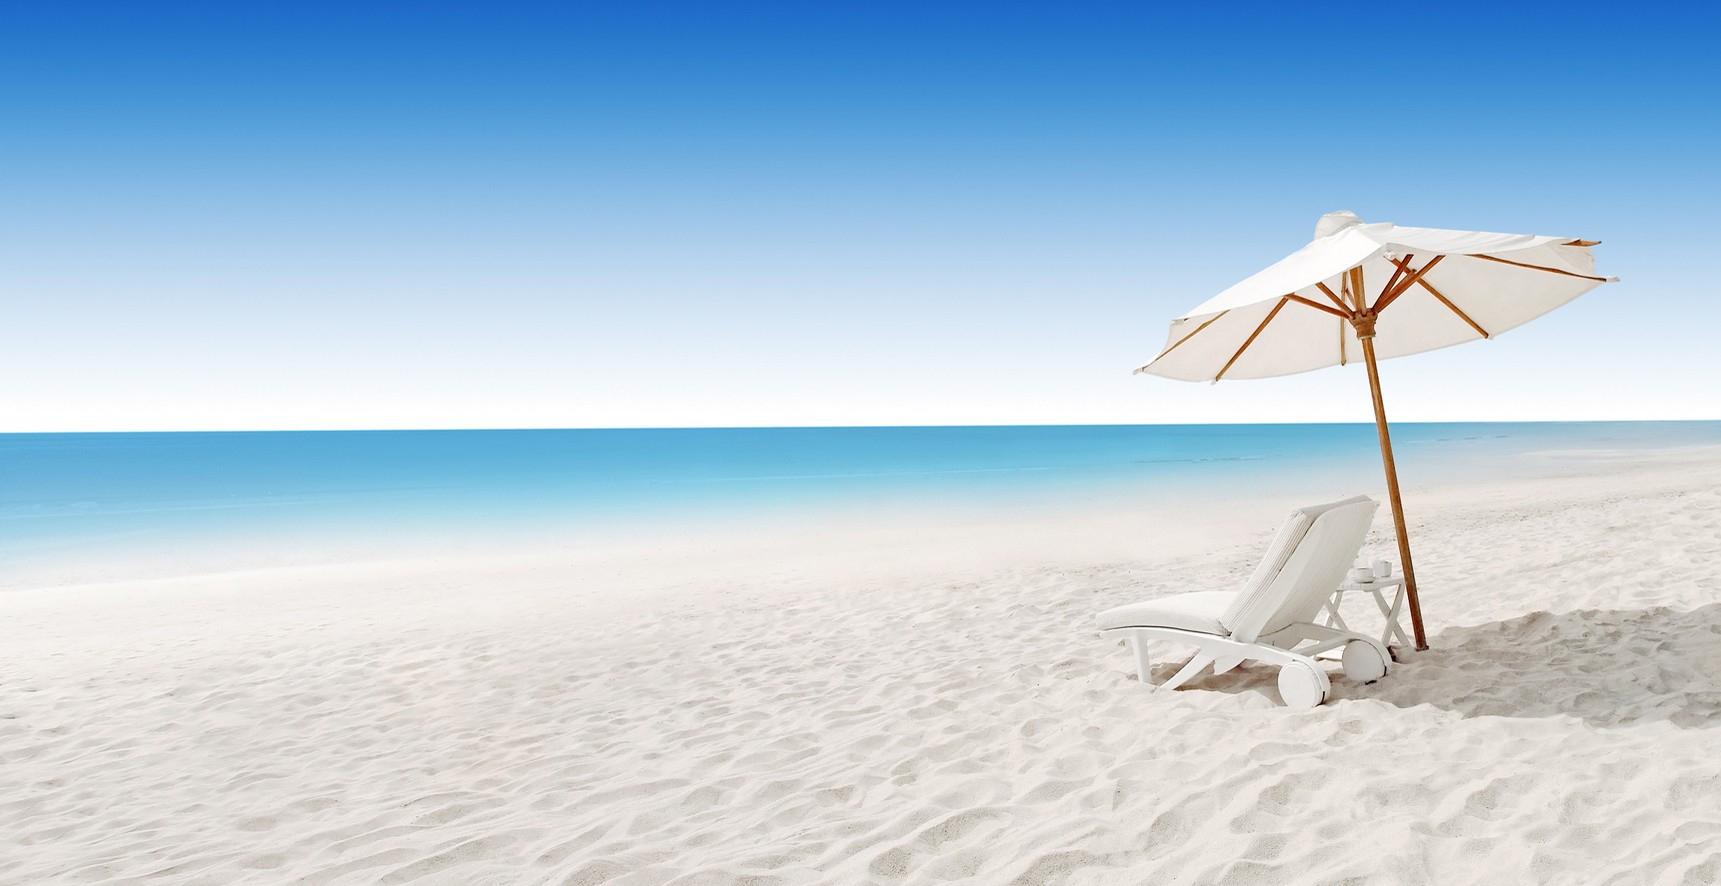 Location Vacances Mer, La Formule Idéale dedans Jeux De Vacances A La Plage